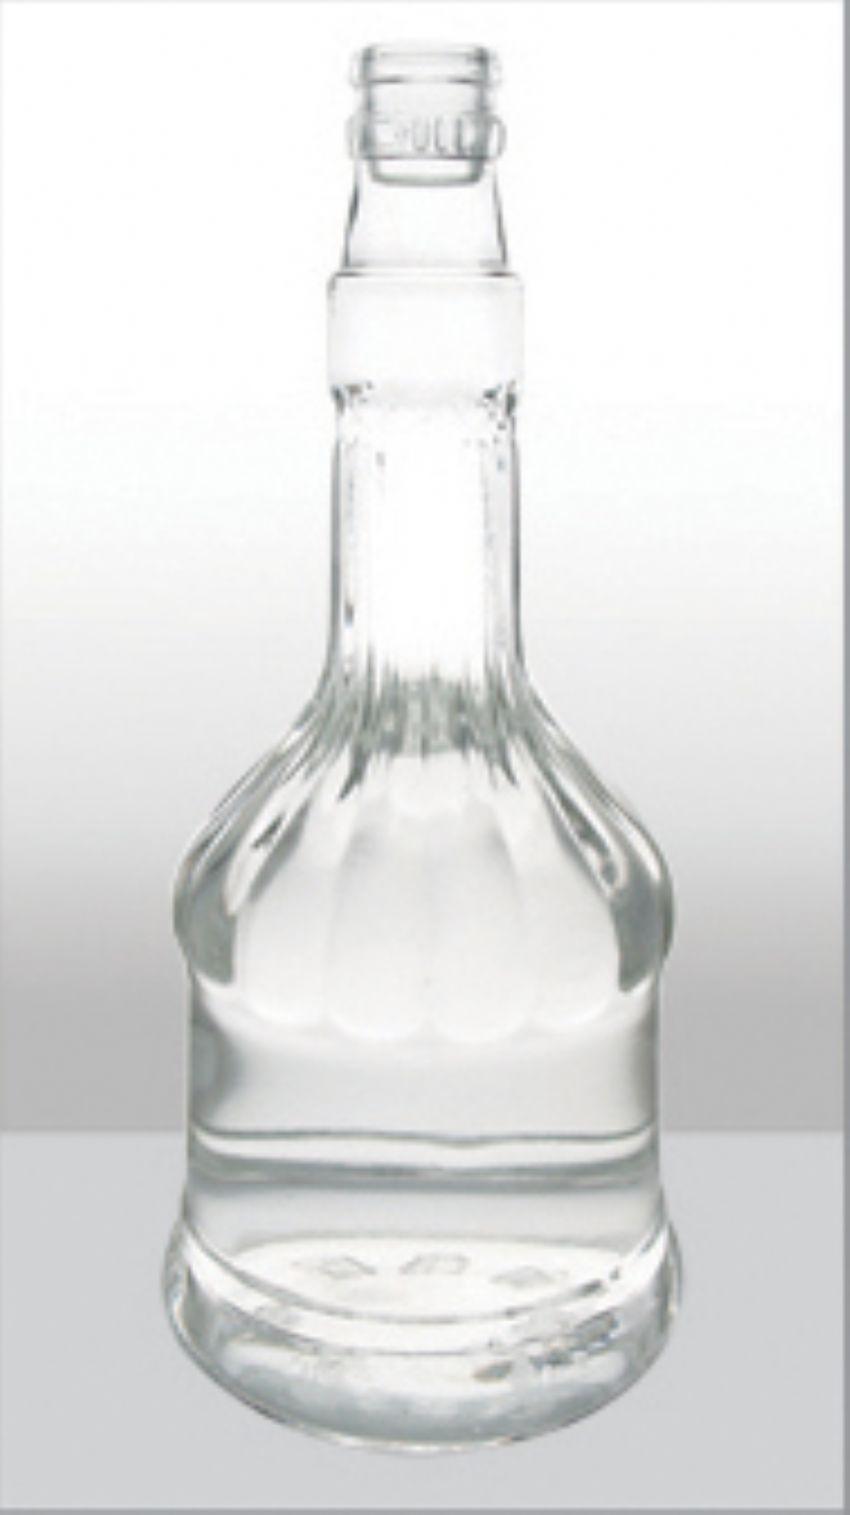 透明玻璃酒瓶价格 透明玻璃白酒瓶 透明玻璃酒瓶厂家